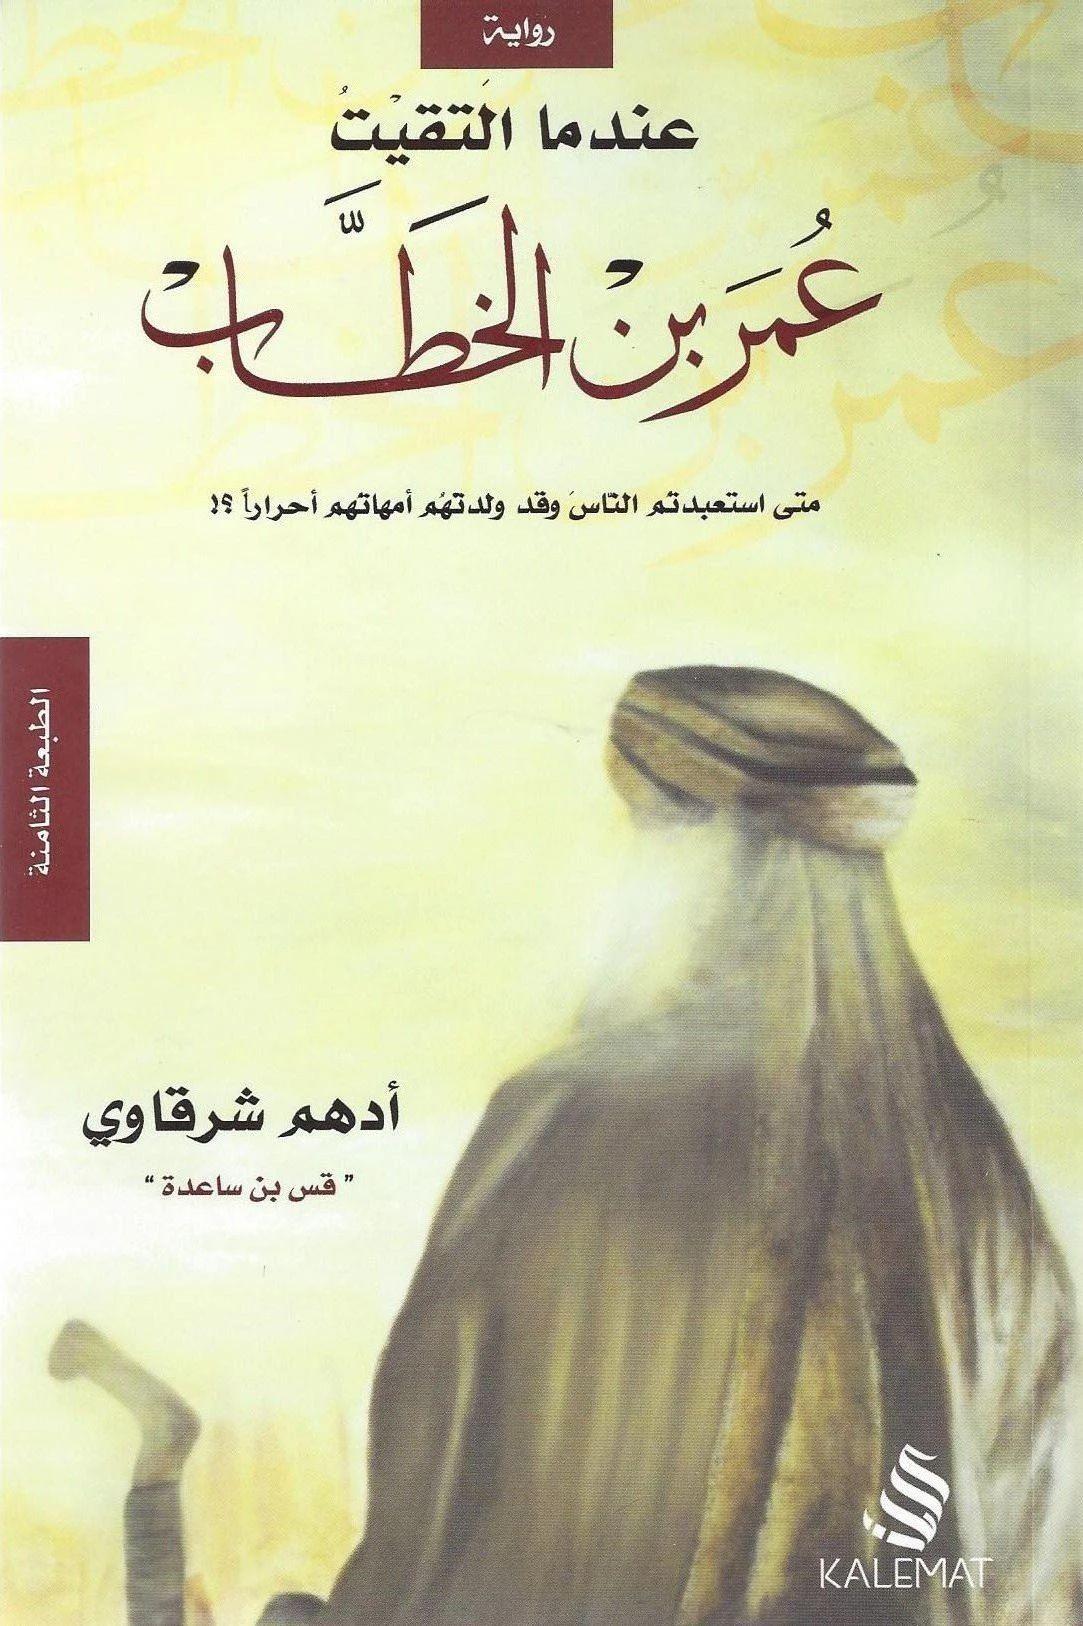 Photo of تحميل كتاب عندما التقيت عمر بن الخطاب pdf لـ أدهم الشرقاوي